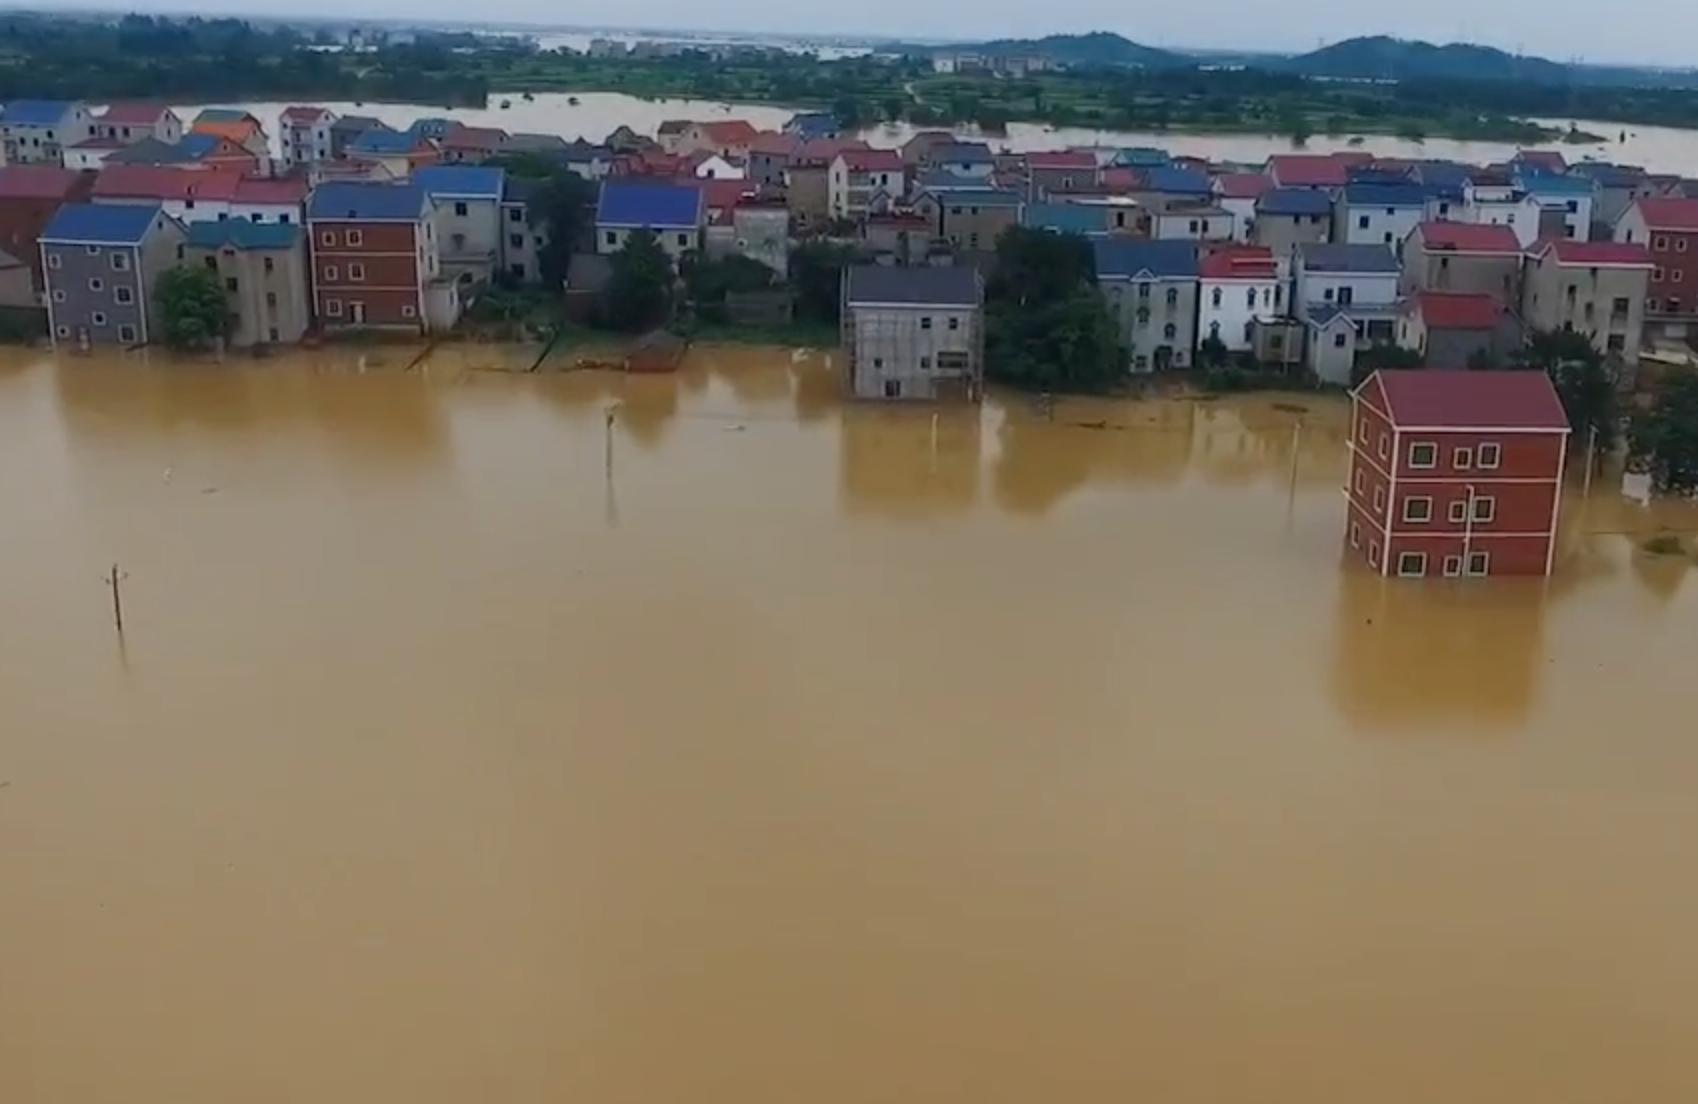 鄱陽湖水域多條河川圩堤決口,許多村落兩層樓以下被洪水淹沒。(影片截圖)